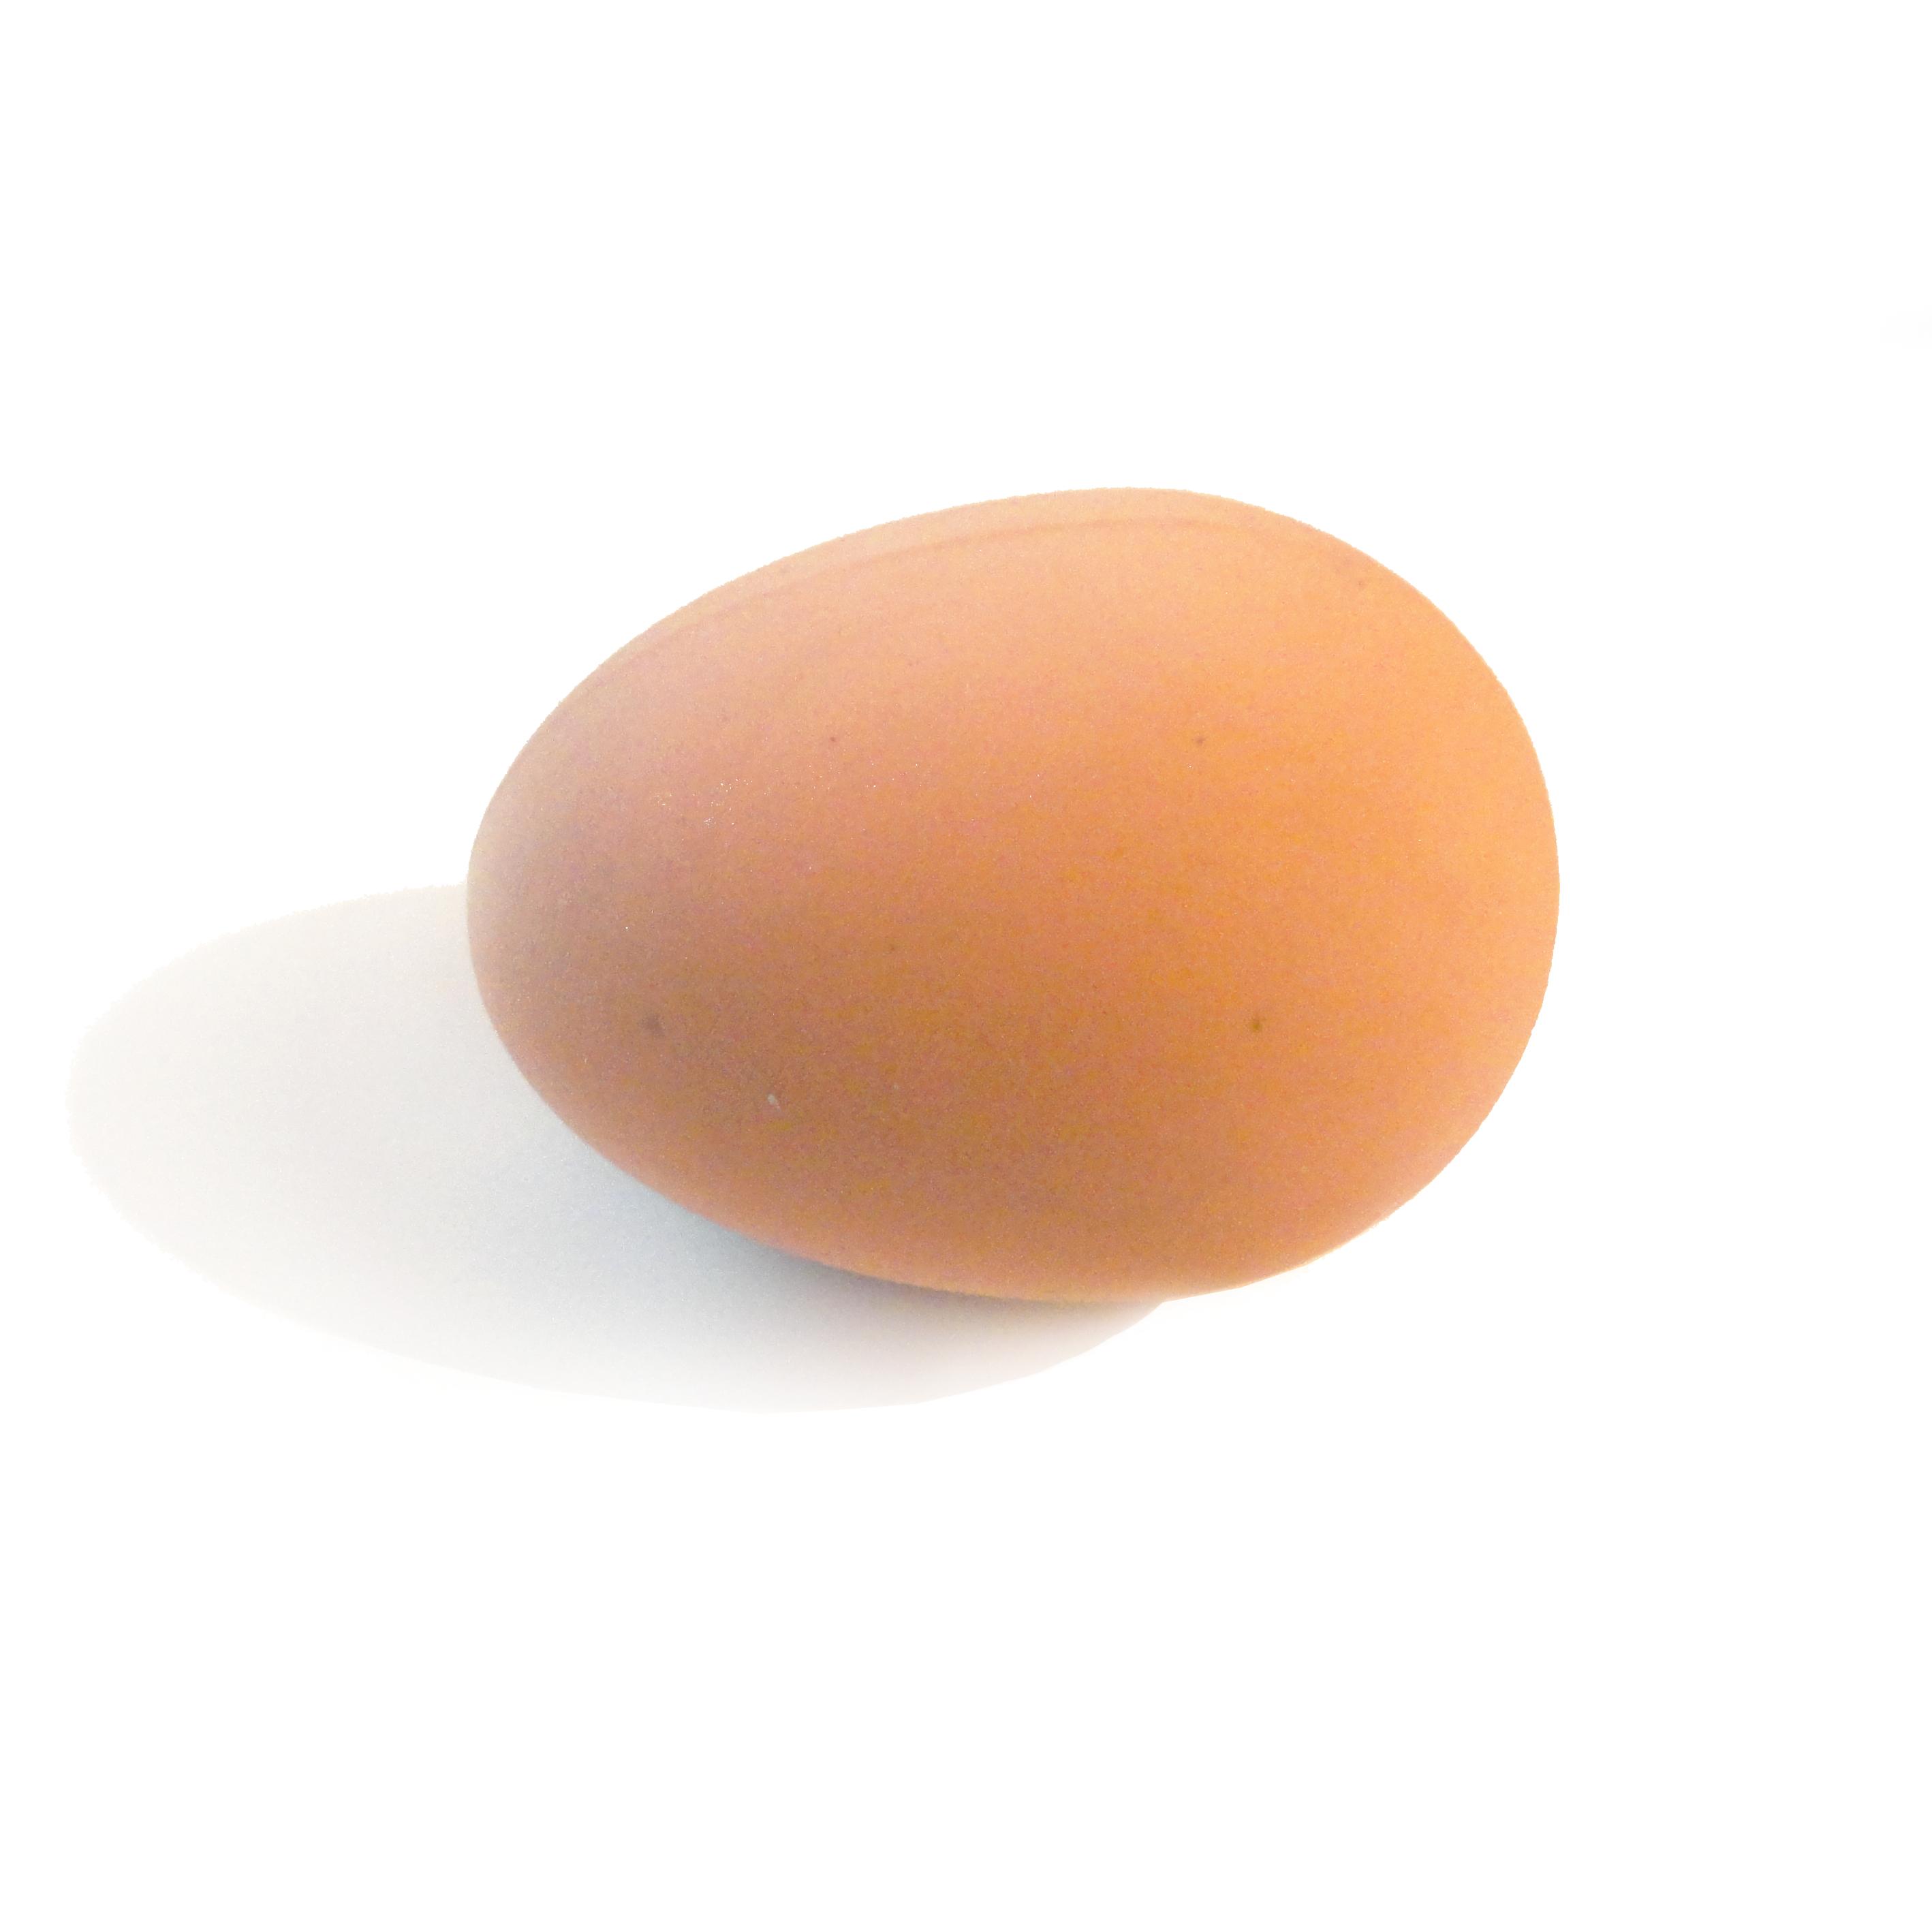 Rubber Joke Egg - Choizilla | Gifts, T-Shirts & More